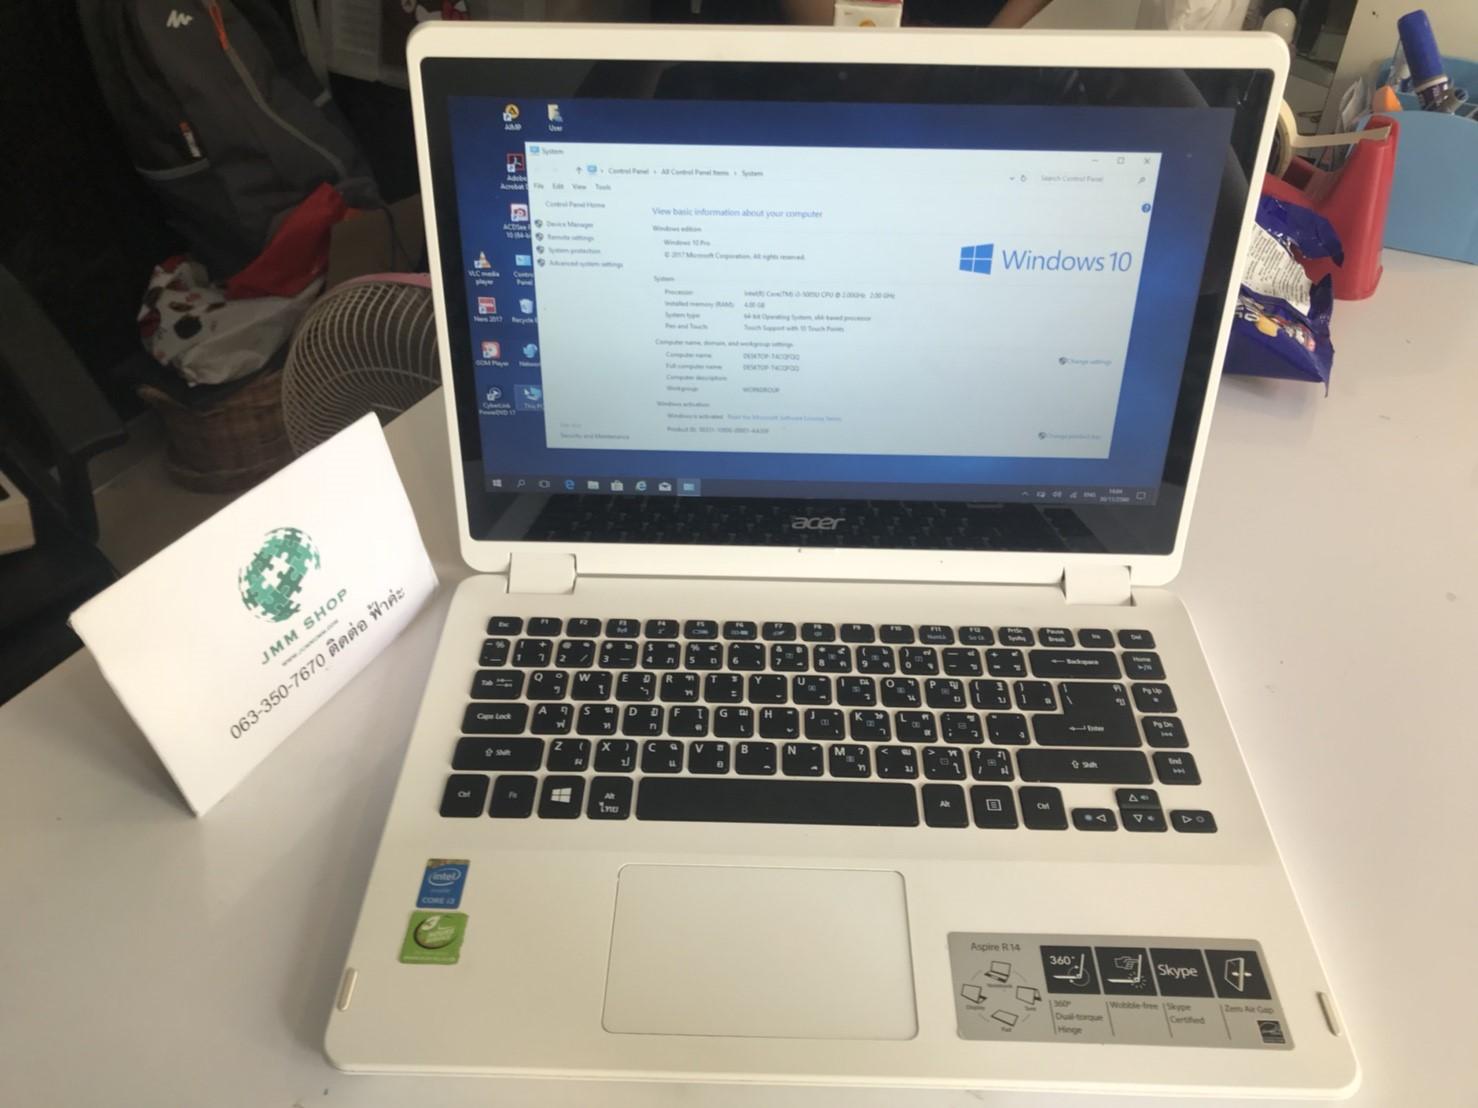 JMM-110 ขายโน๊ตบุ๊ค Acer Aspire R14 สีขาว หน้าจอปรับหมุนได้ 360 องศา